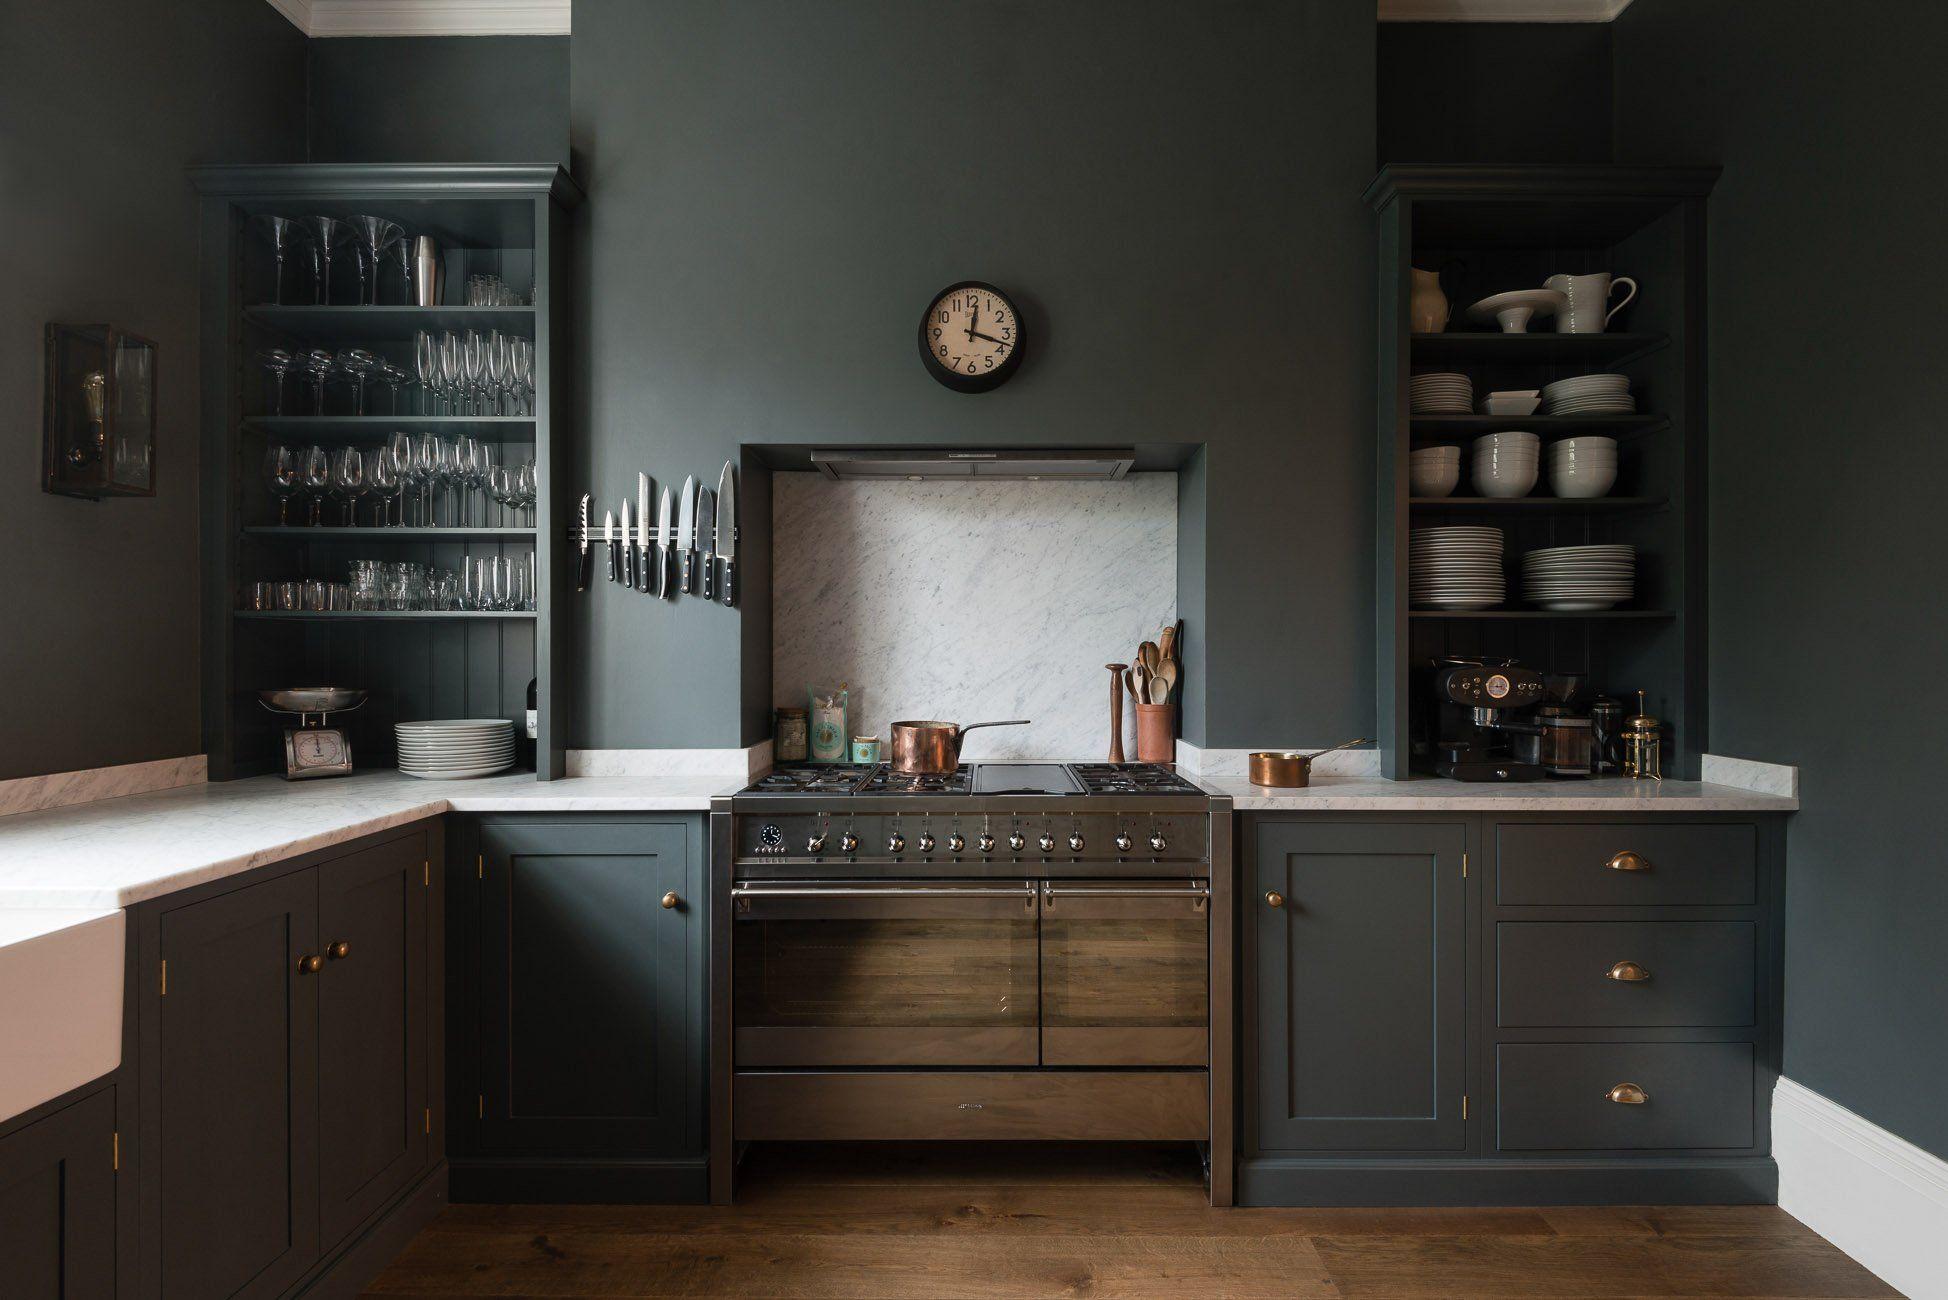 Pin von Karin Payne auf small spaces | Pinterest | Küchenschränke ...